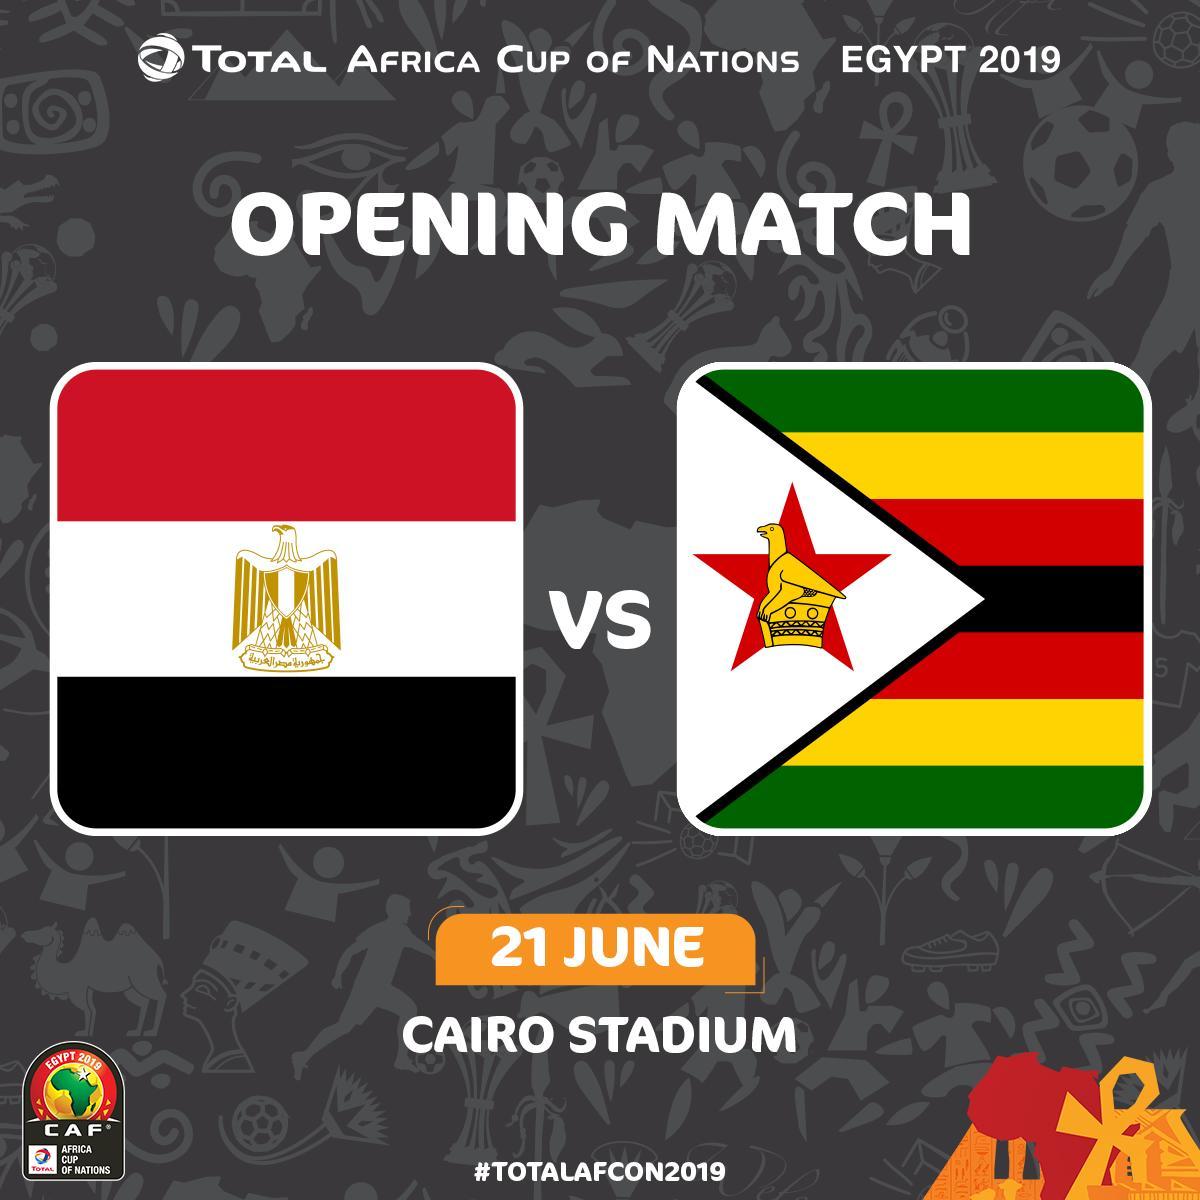 مصر تواجه زيمبابوى فى افتتاح كأس امم افريقيا